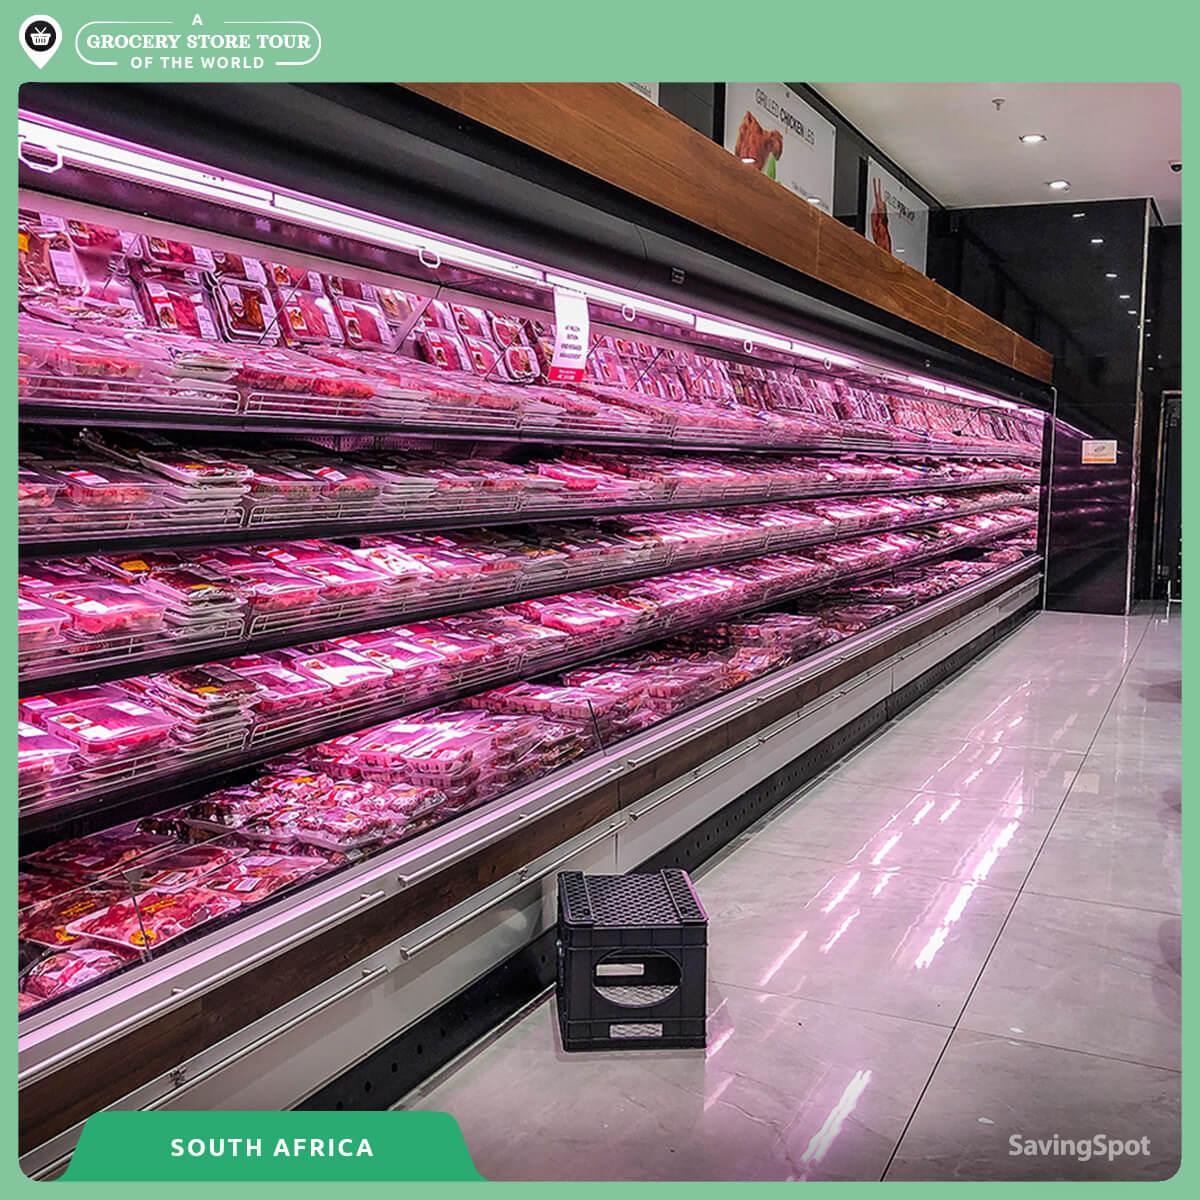 Ο διάδρομος με τα κρέατα στη Νότια Αφρική. Φωτογραφία: SavingSpot